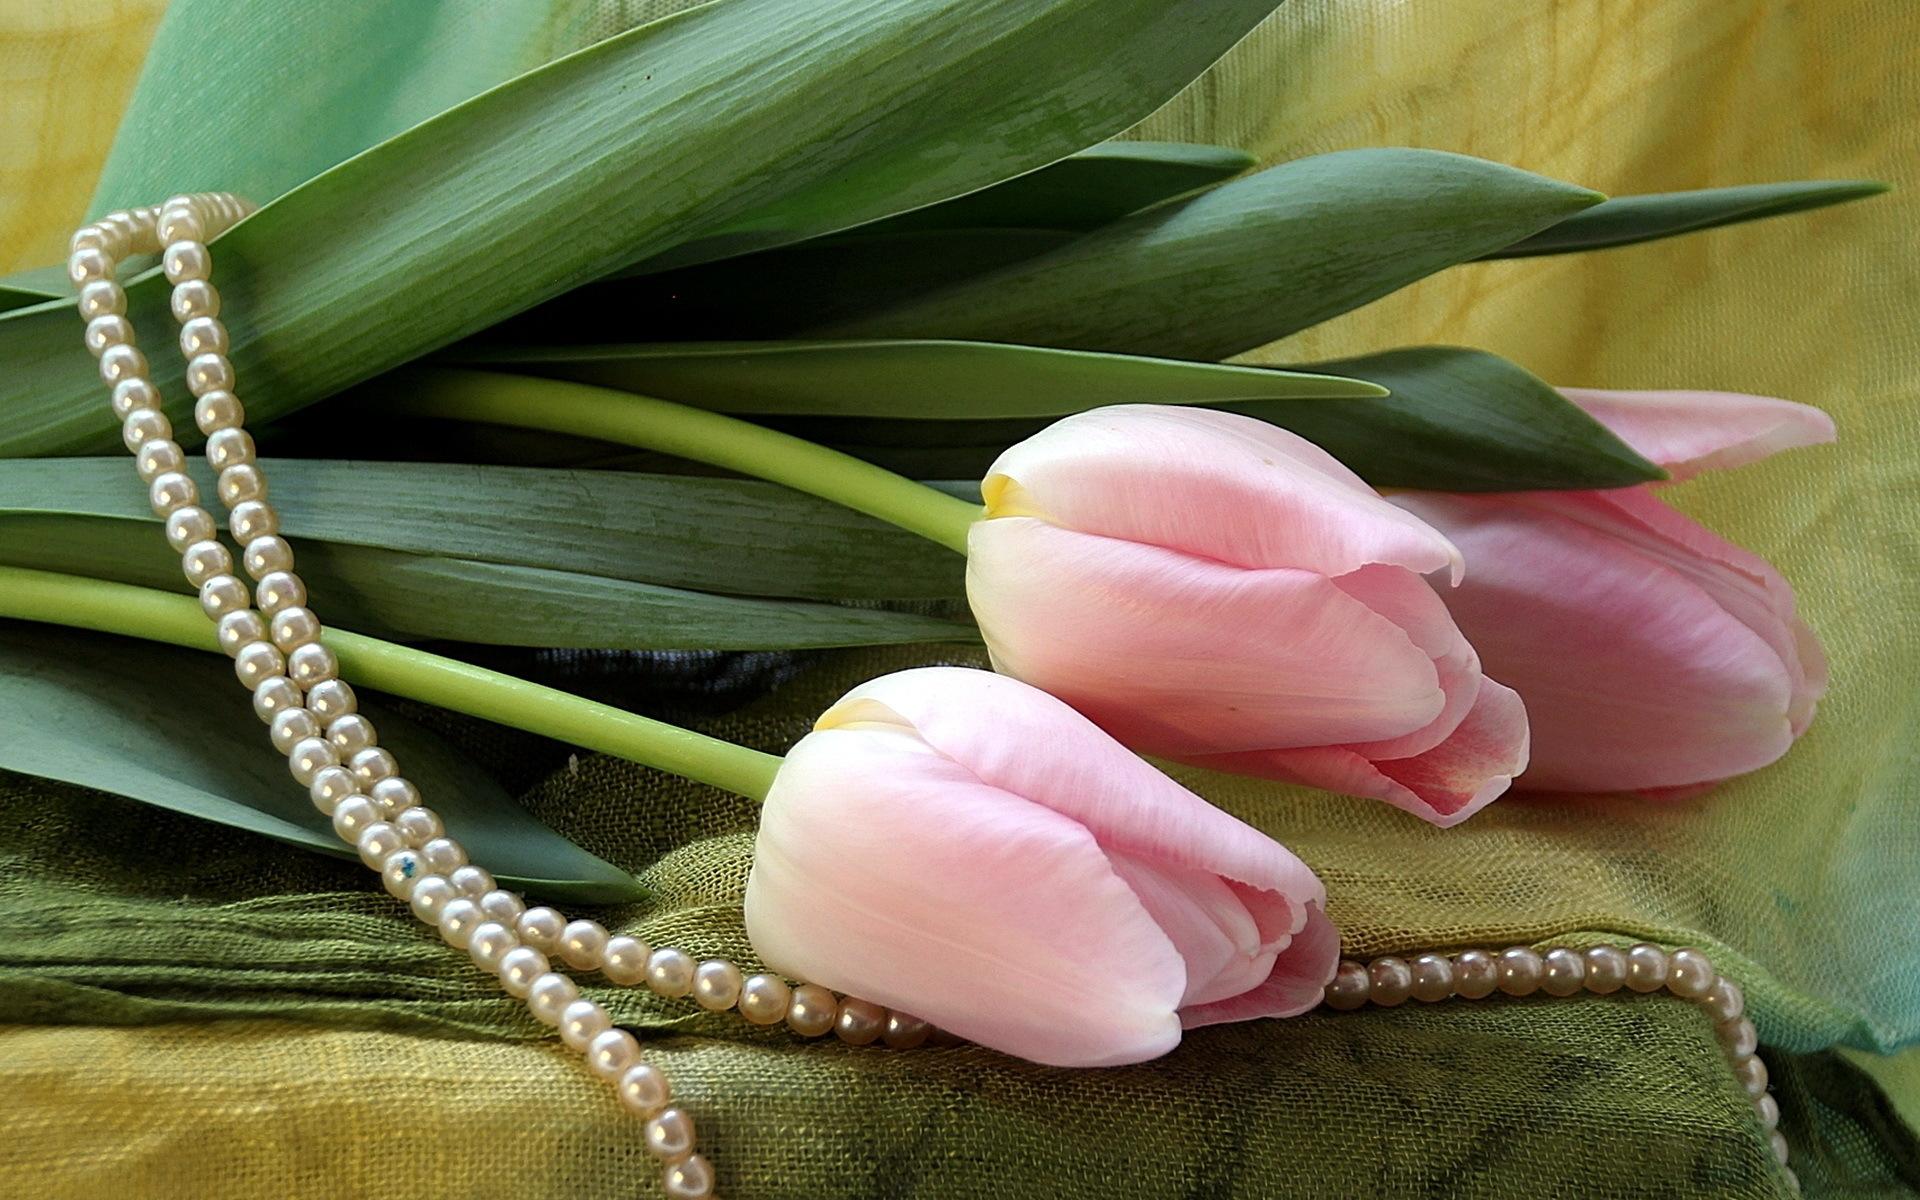 радостных мгновений фото цветы и бусы силикона или